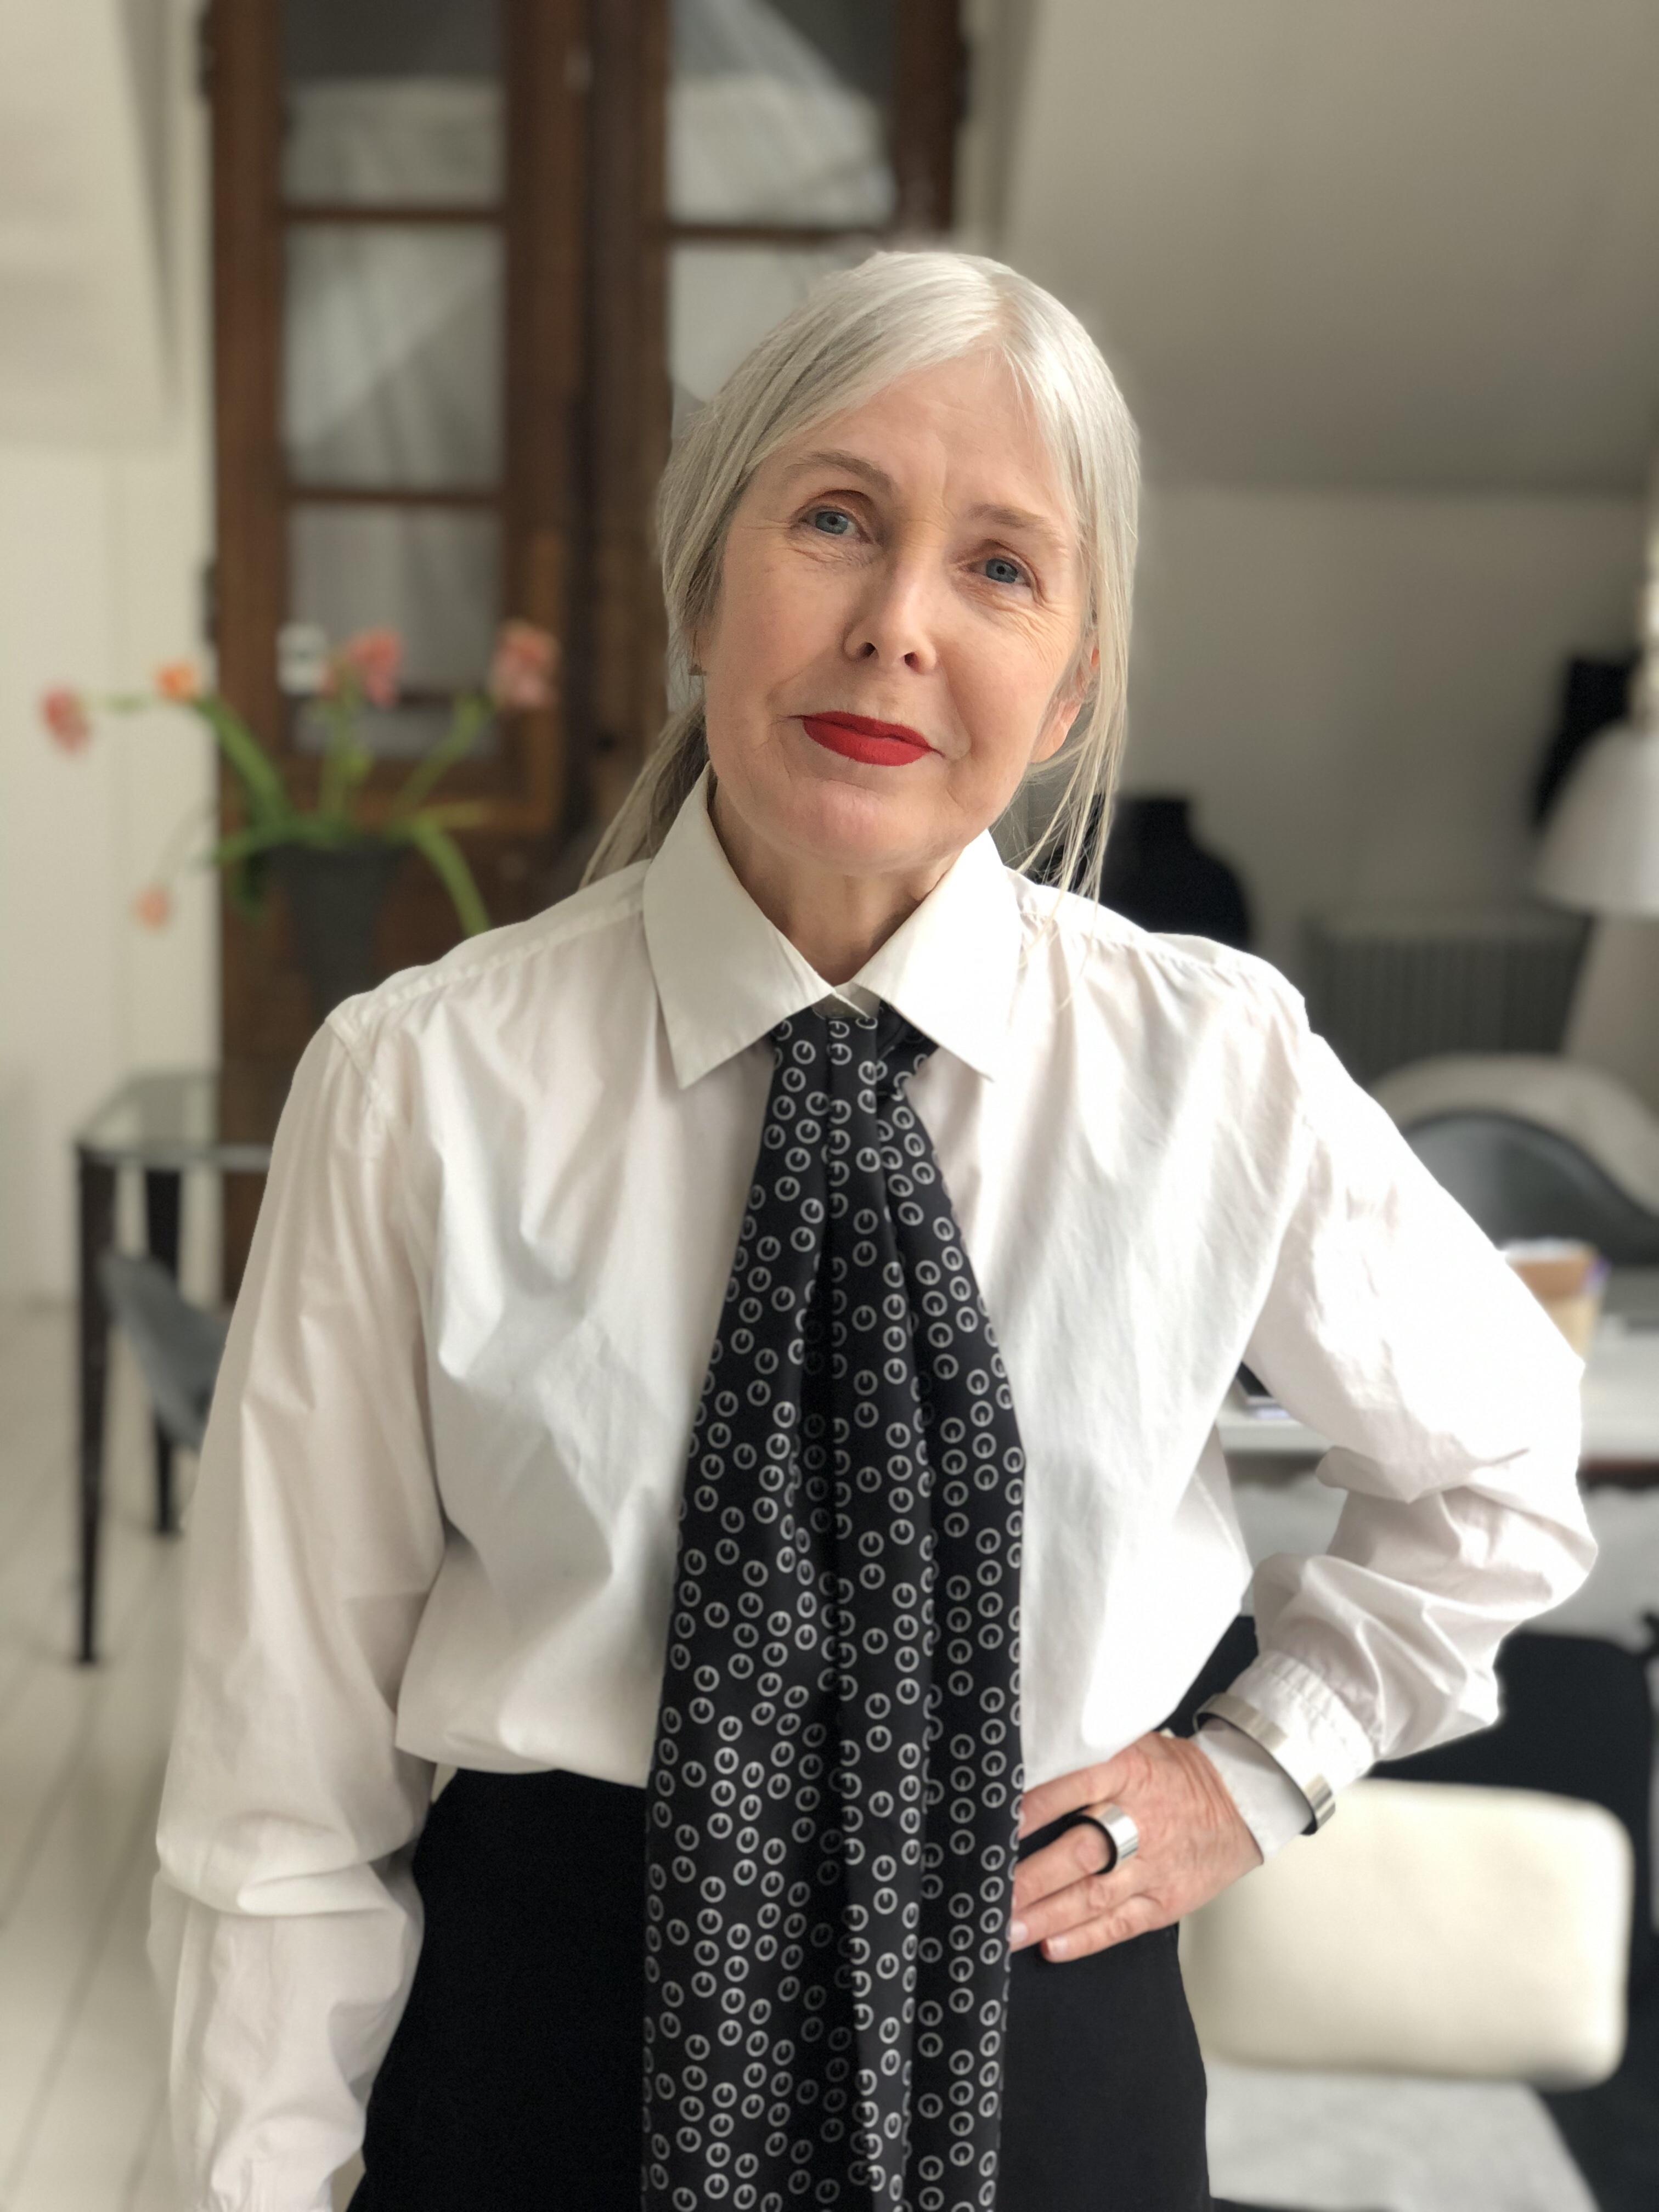 Pia Wallén – Modeskapare och formgivare med en förkärlek för filt, kors och minimalism